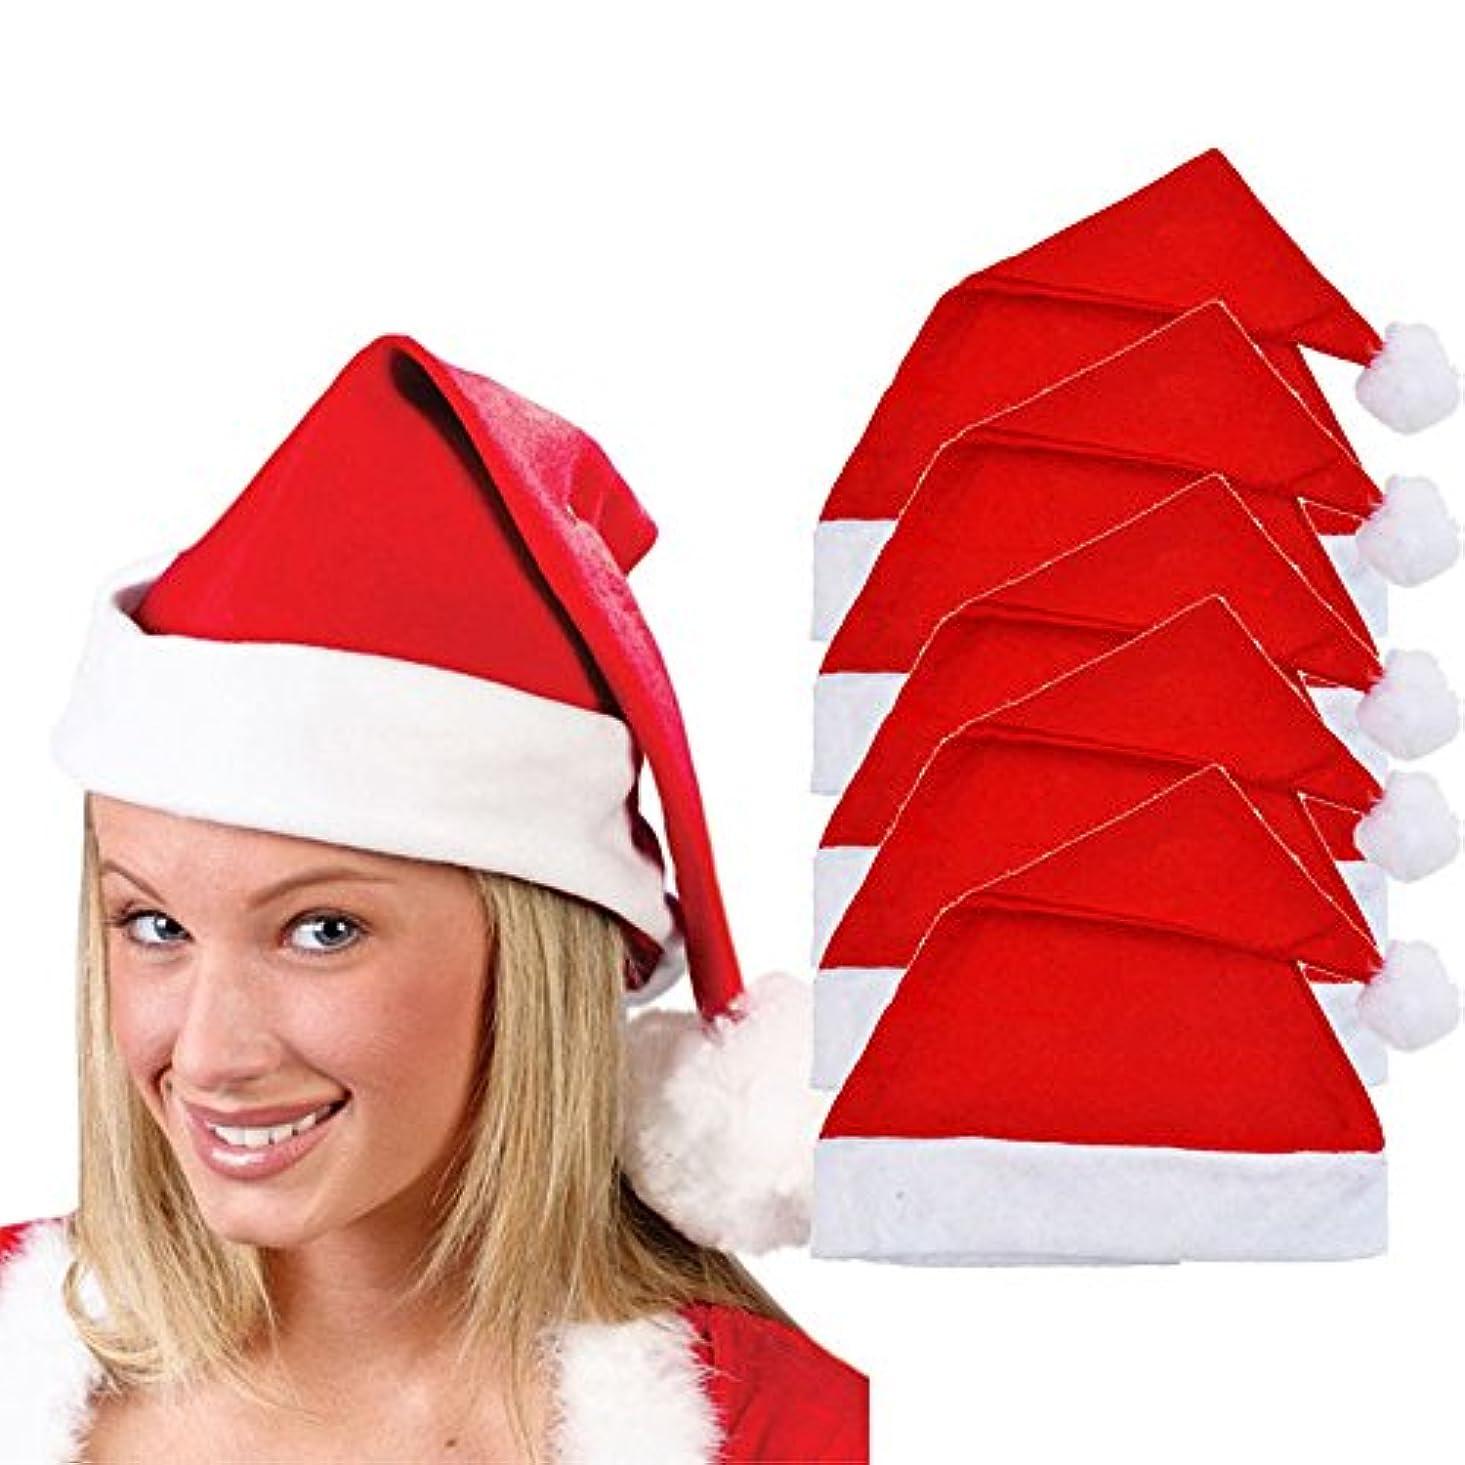 不快真鍮メディアRacazing クリスマスハット 5つの レッド Hat ライト ドームキャップ 防寒対策 通気性のある 防風 ニット帽 暖かい 軽量 屋外 スキー 自転車 クリスマス 男女兼用 Christmas Cap